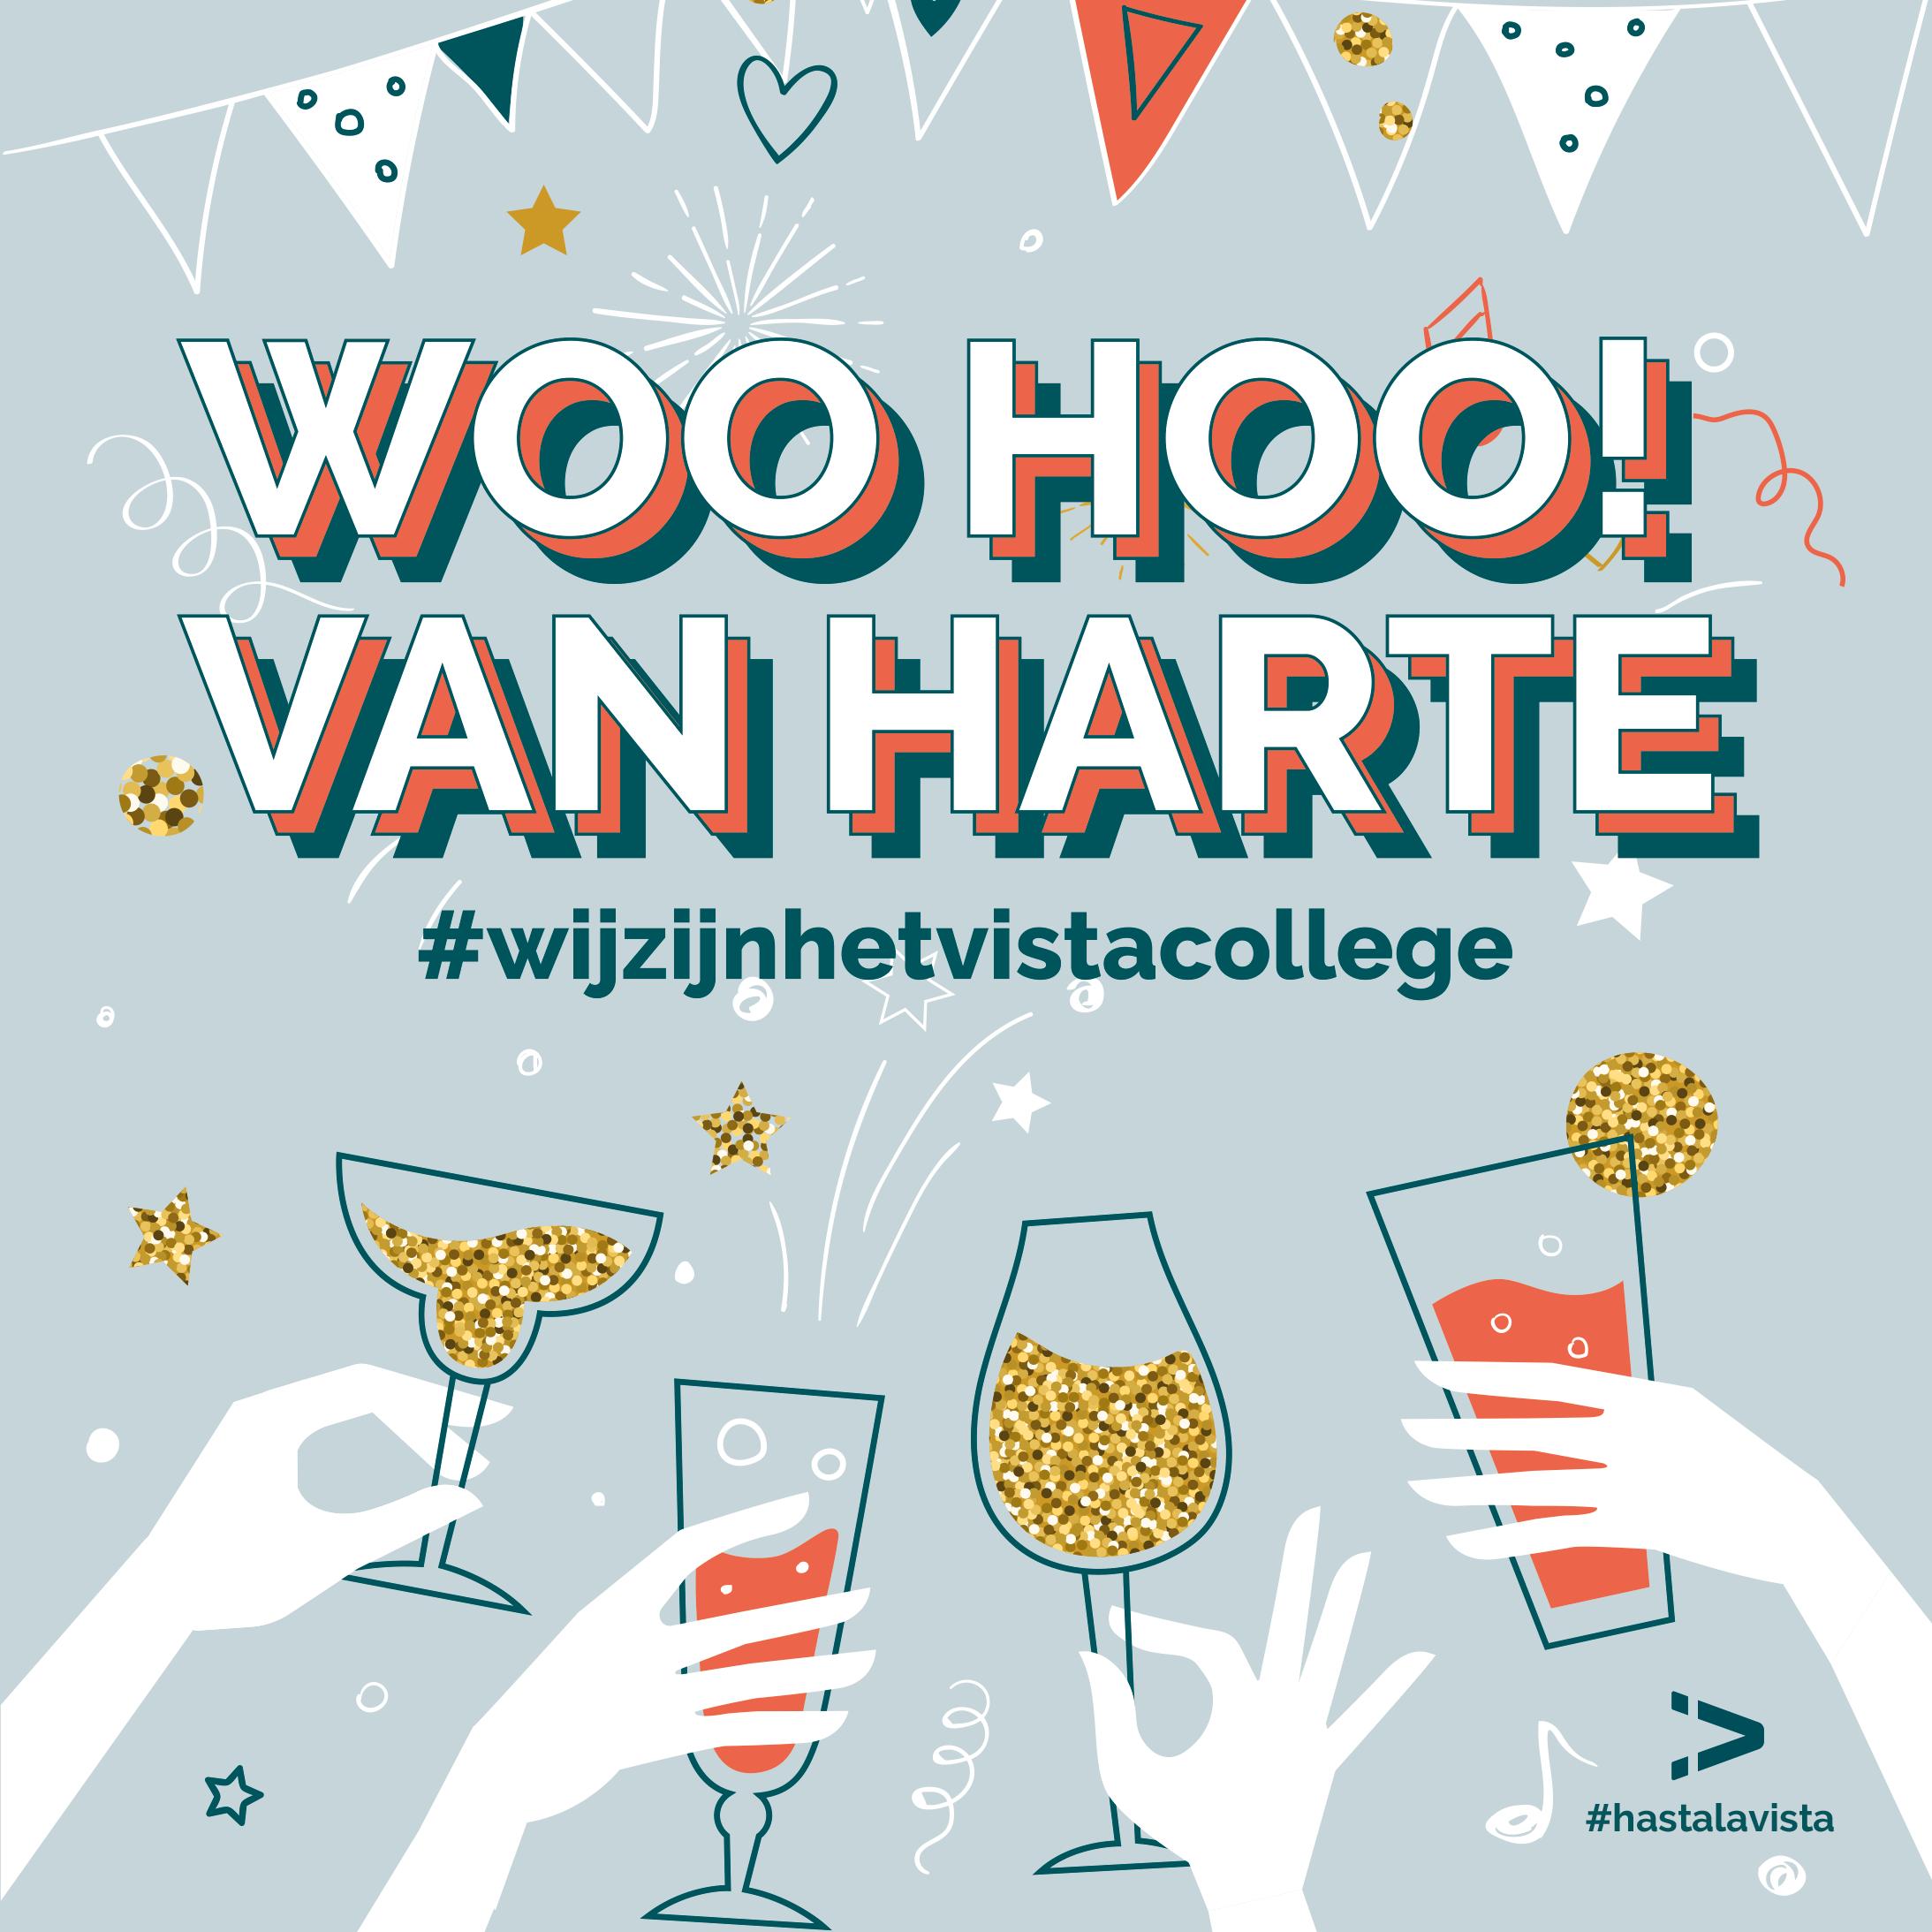 Van Harte!